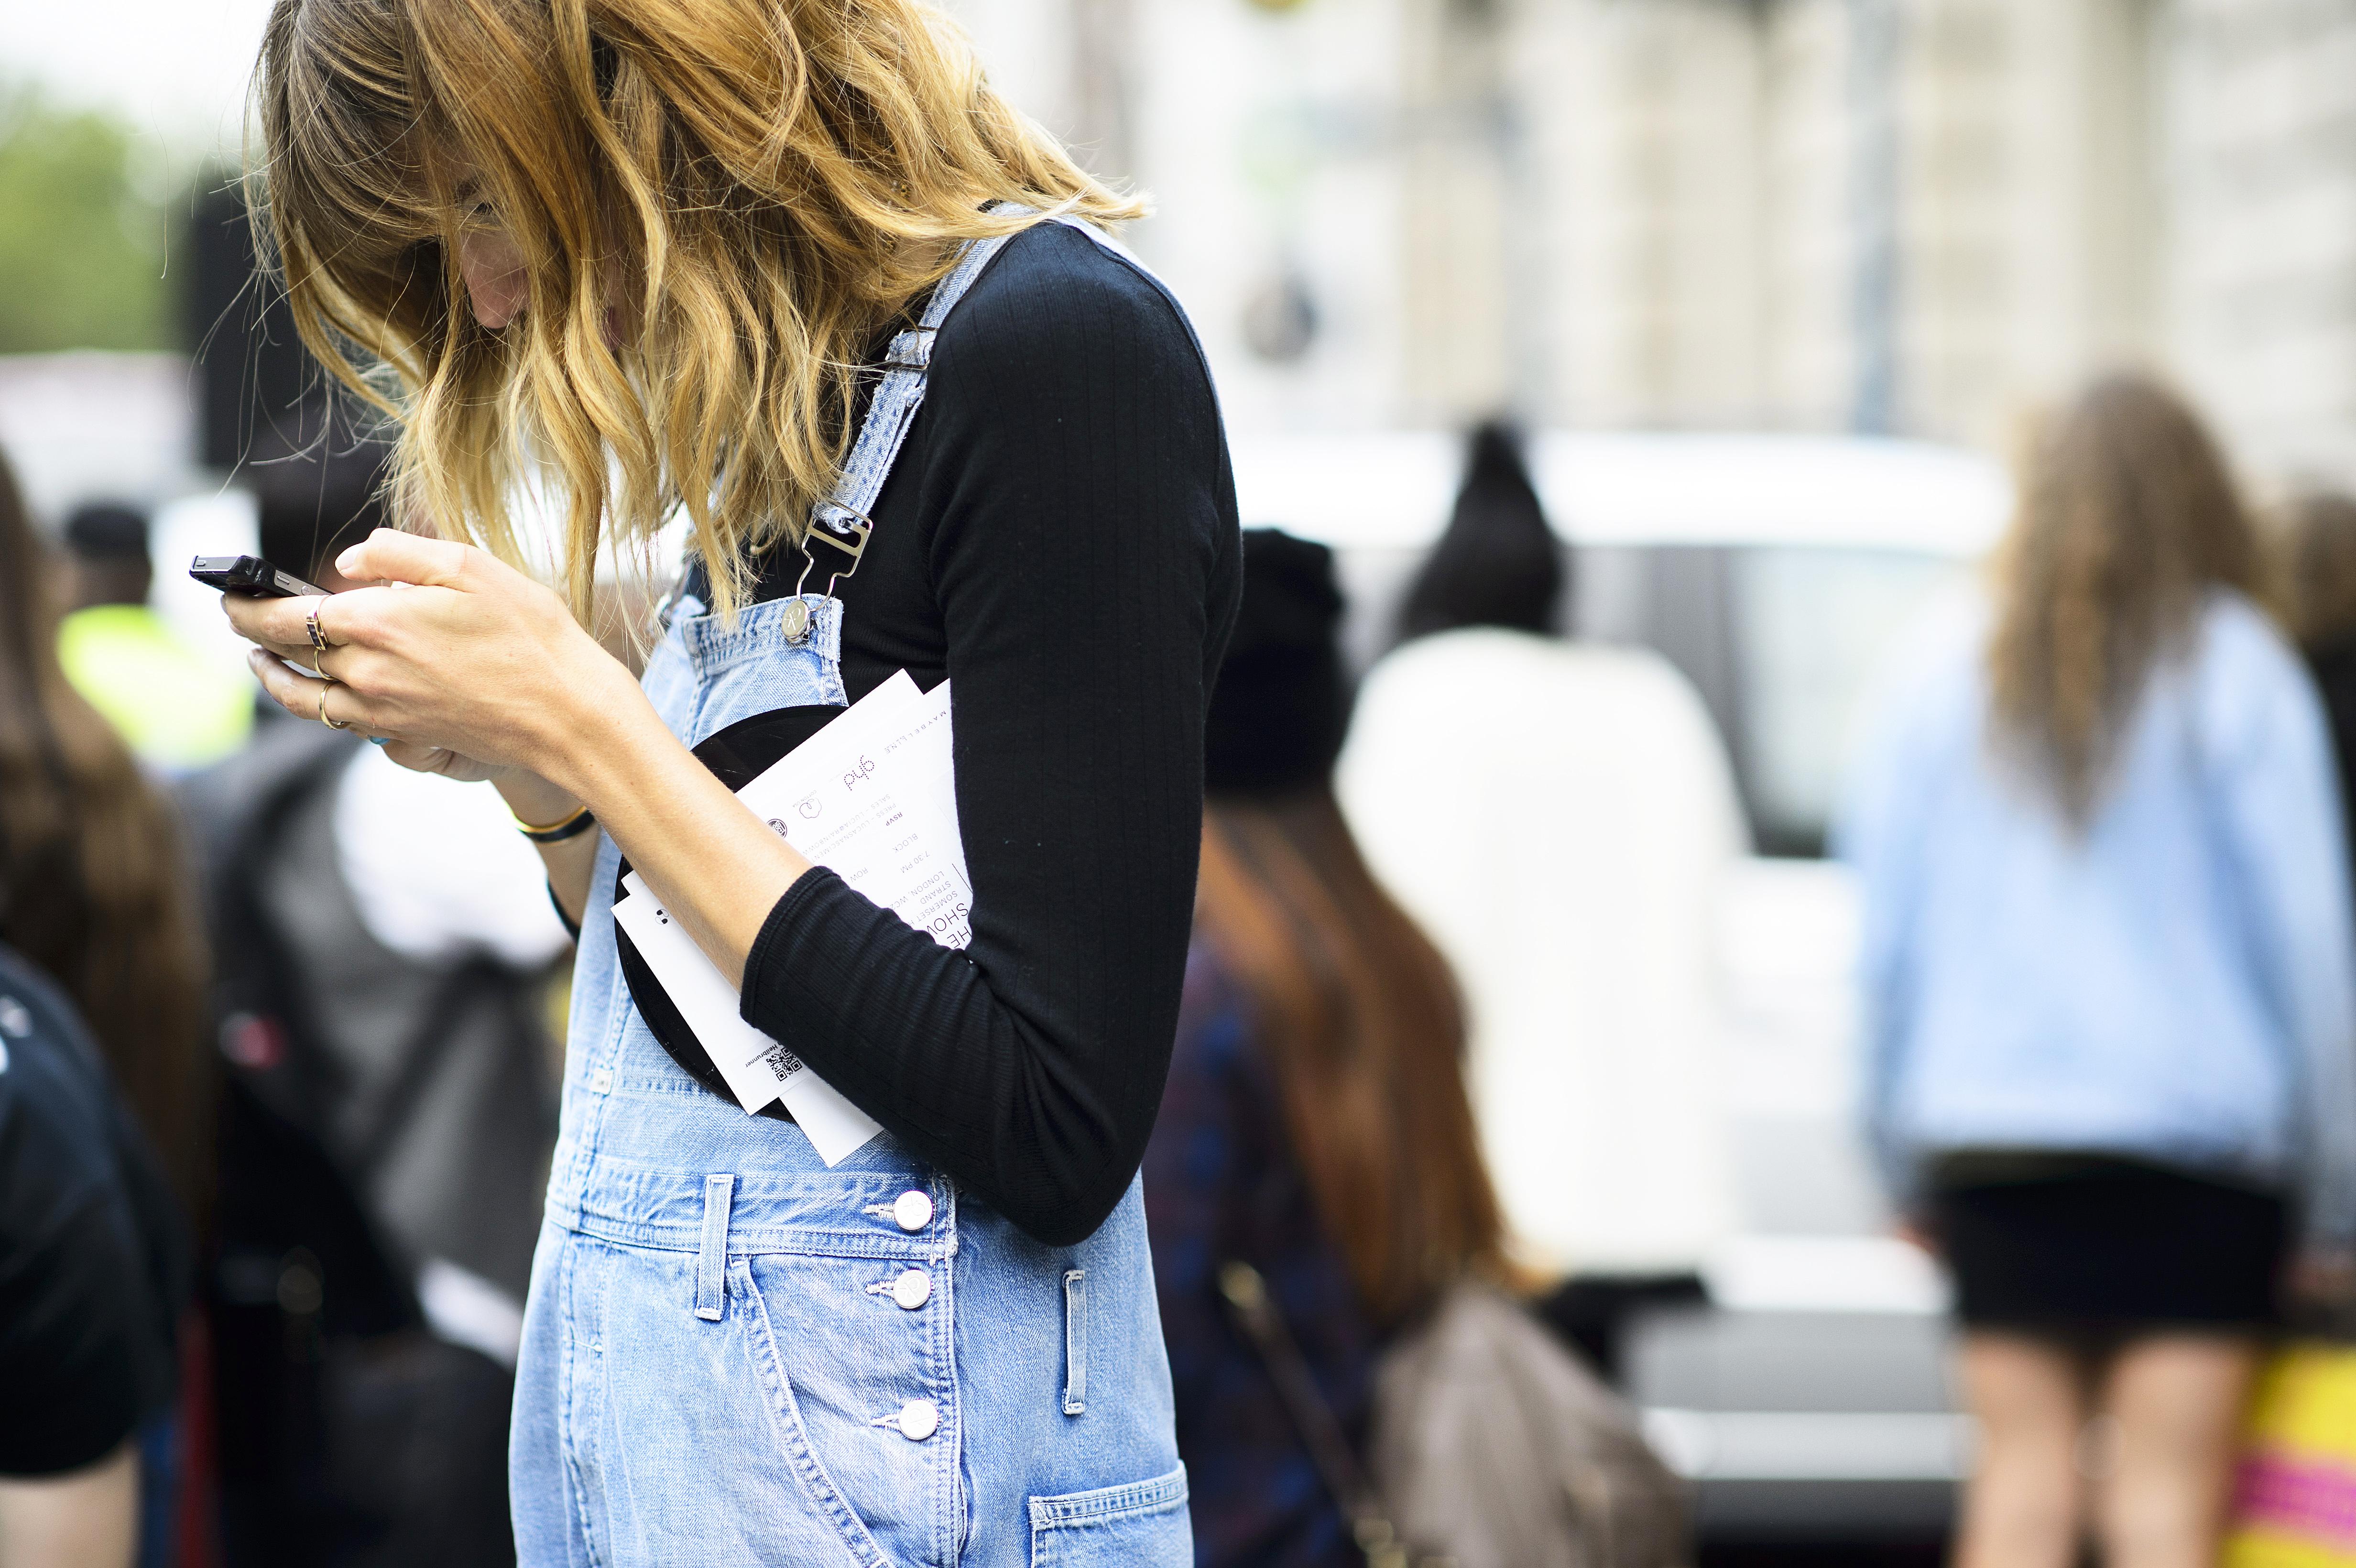 Bangs-Street-Style - Yüksek Bel Kotlar Tül Etekler Replum Elbise Normcore Tarzı Mode Kıyafetler Midi Etekler kreasyonlar Jogger Pantolonlar Demode Kıyafetler Dar Kotlar Beyaz Tulumlar